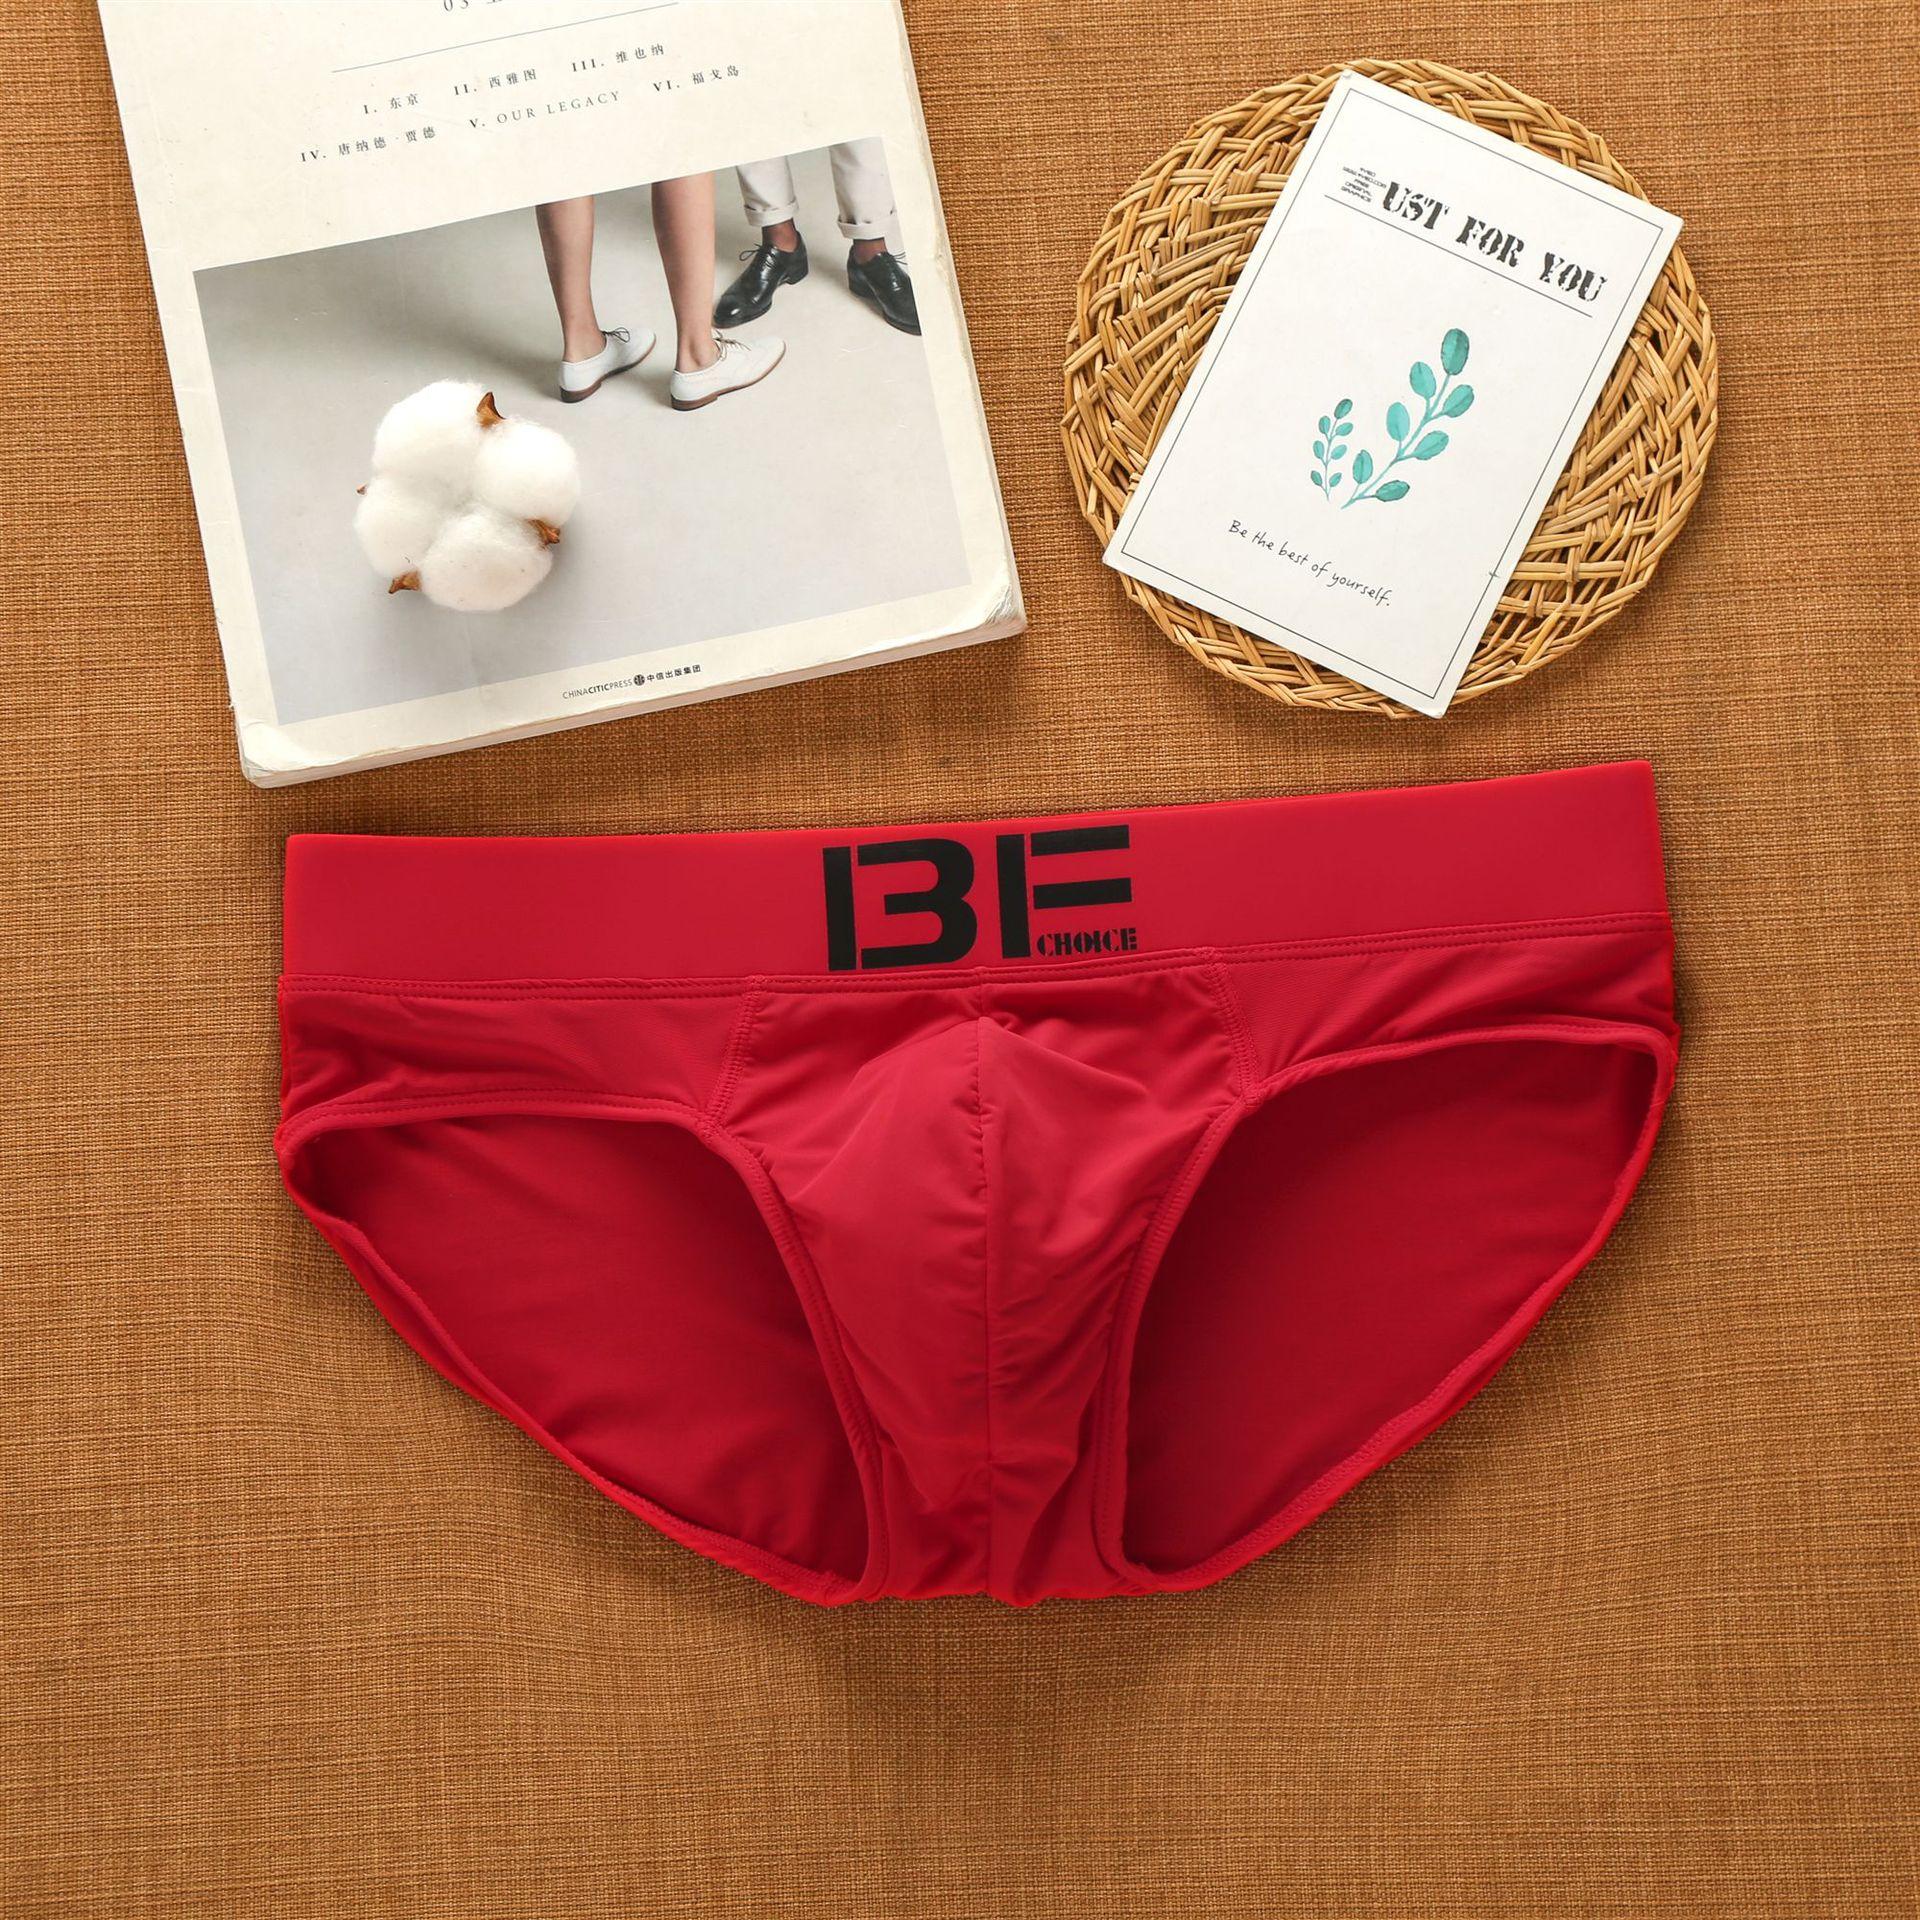 Dropshipping Men Underwear Male Underpants Pants Low Rise Men Underwear Comfortable Breathable Briefs New Men's Briefs Slip 4